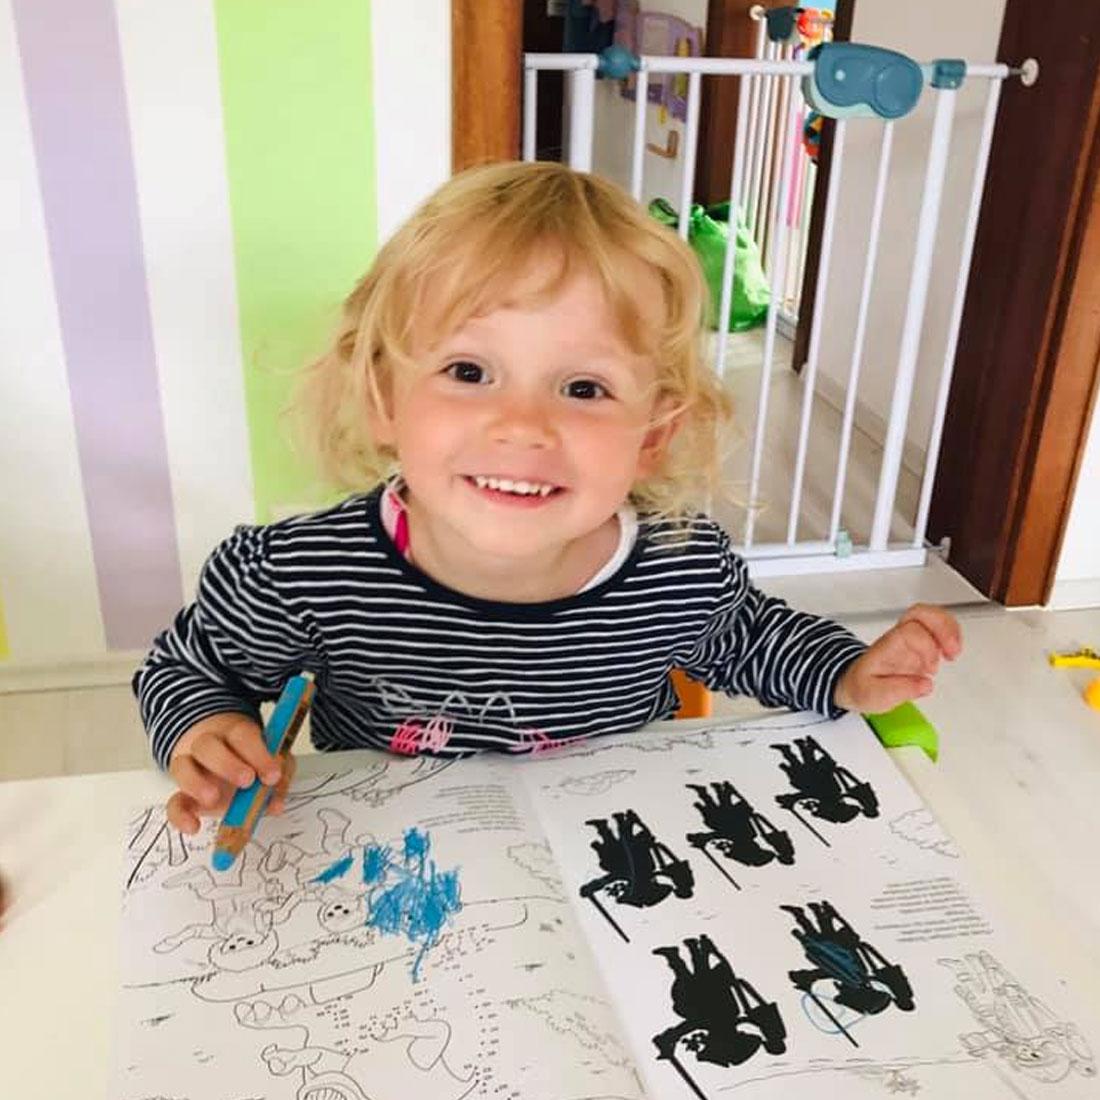 Impressionen Abschiedsfeier 5Stars Kindertagespflege 2020